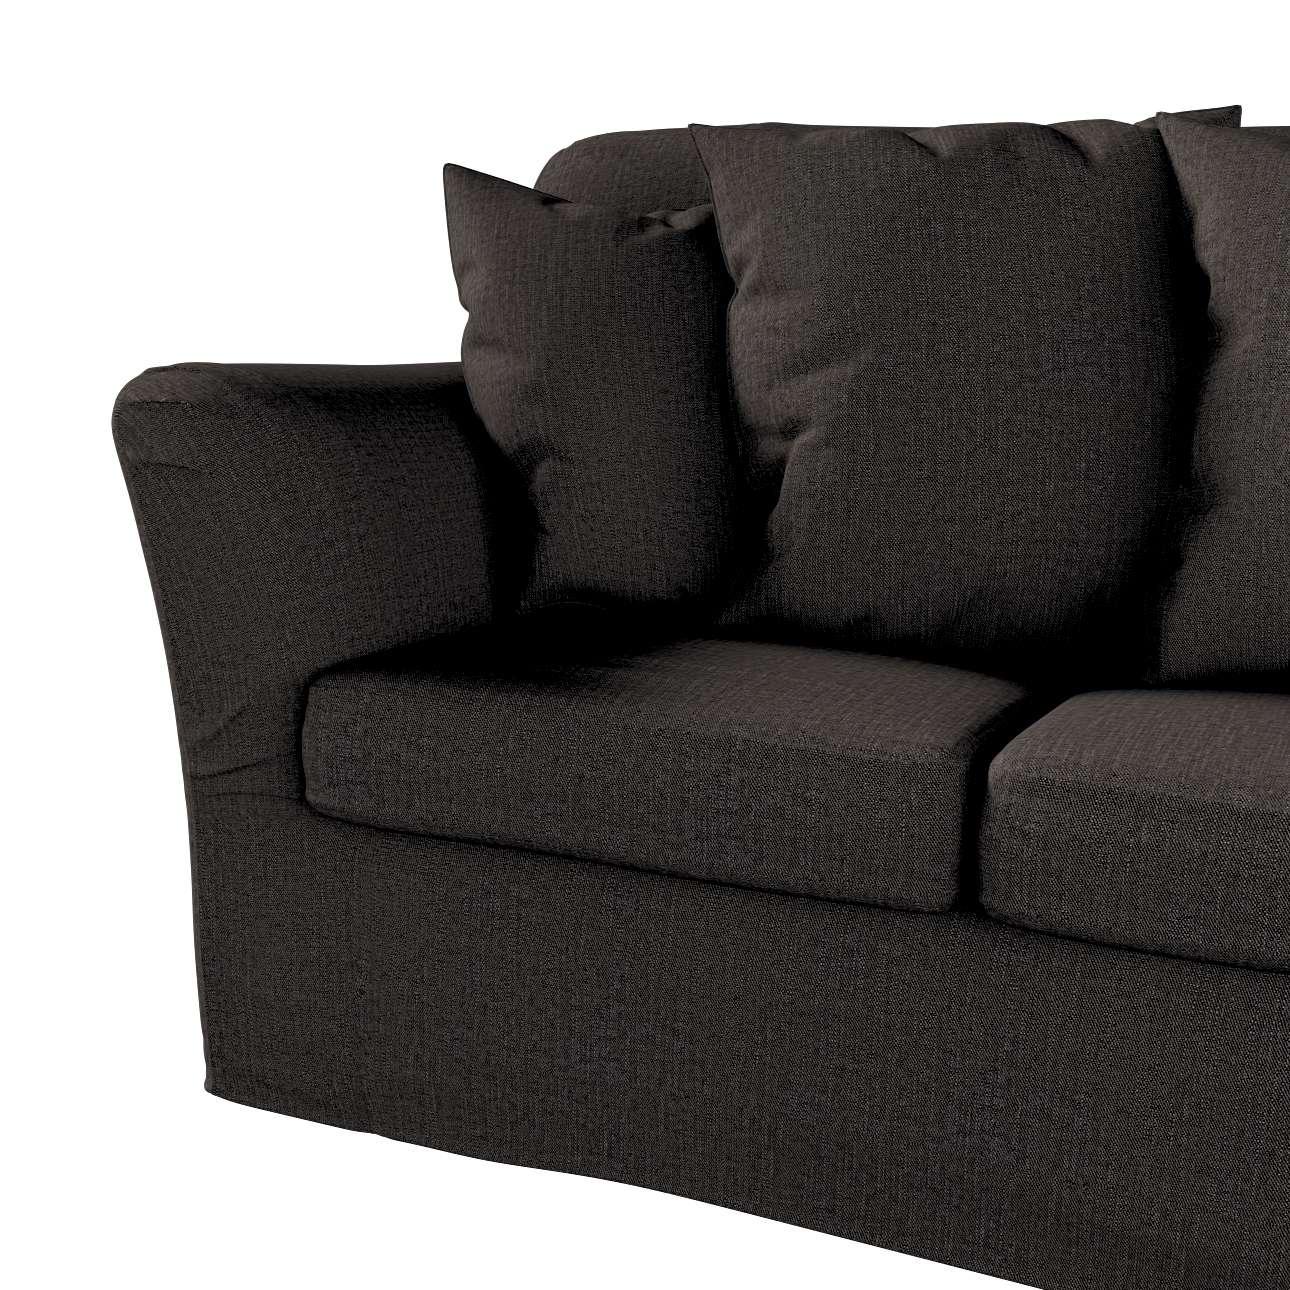 Pokrowiec na sofę Tomelilla 3-osobową nierozkładaną w kolekcji Etna, tkanina: 702-36